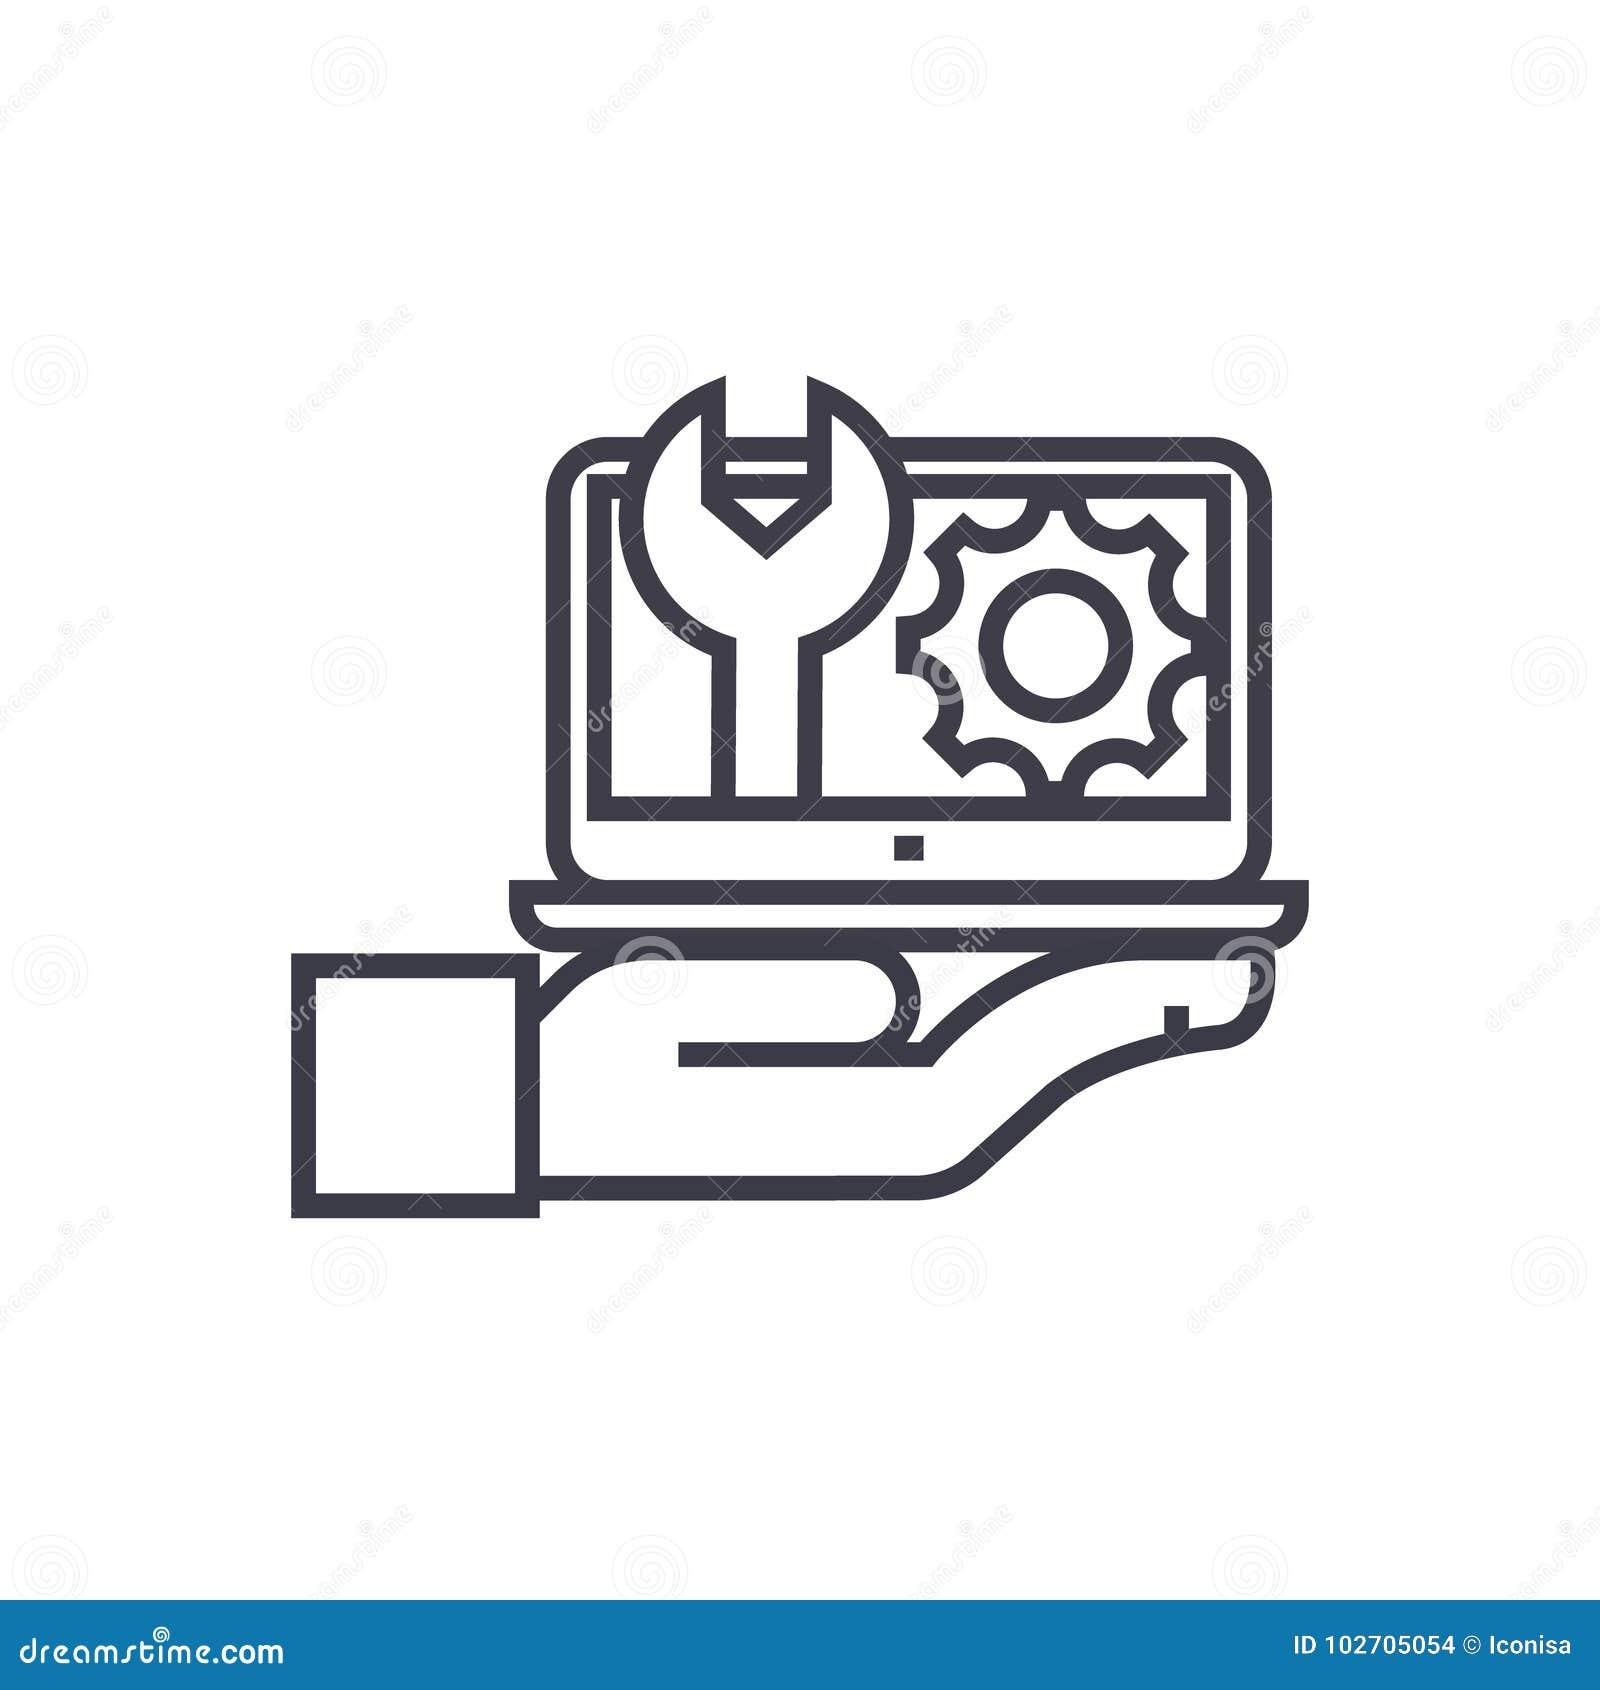 Manutenção, linha fina ícone do vetor do conceito do suporte informático, símbolo, sinal, ilustração no fundo isolado